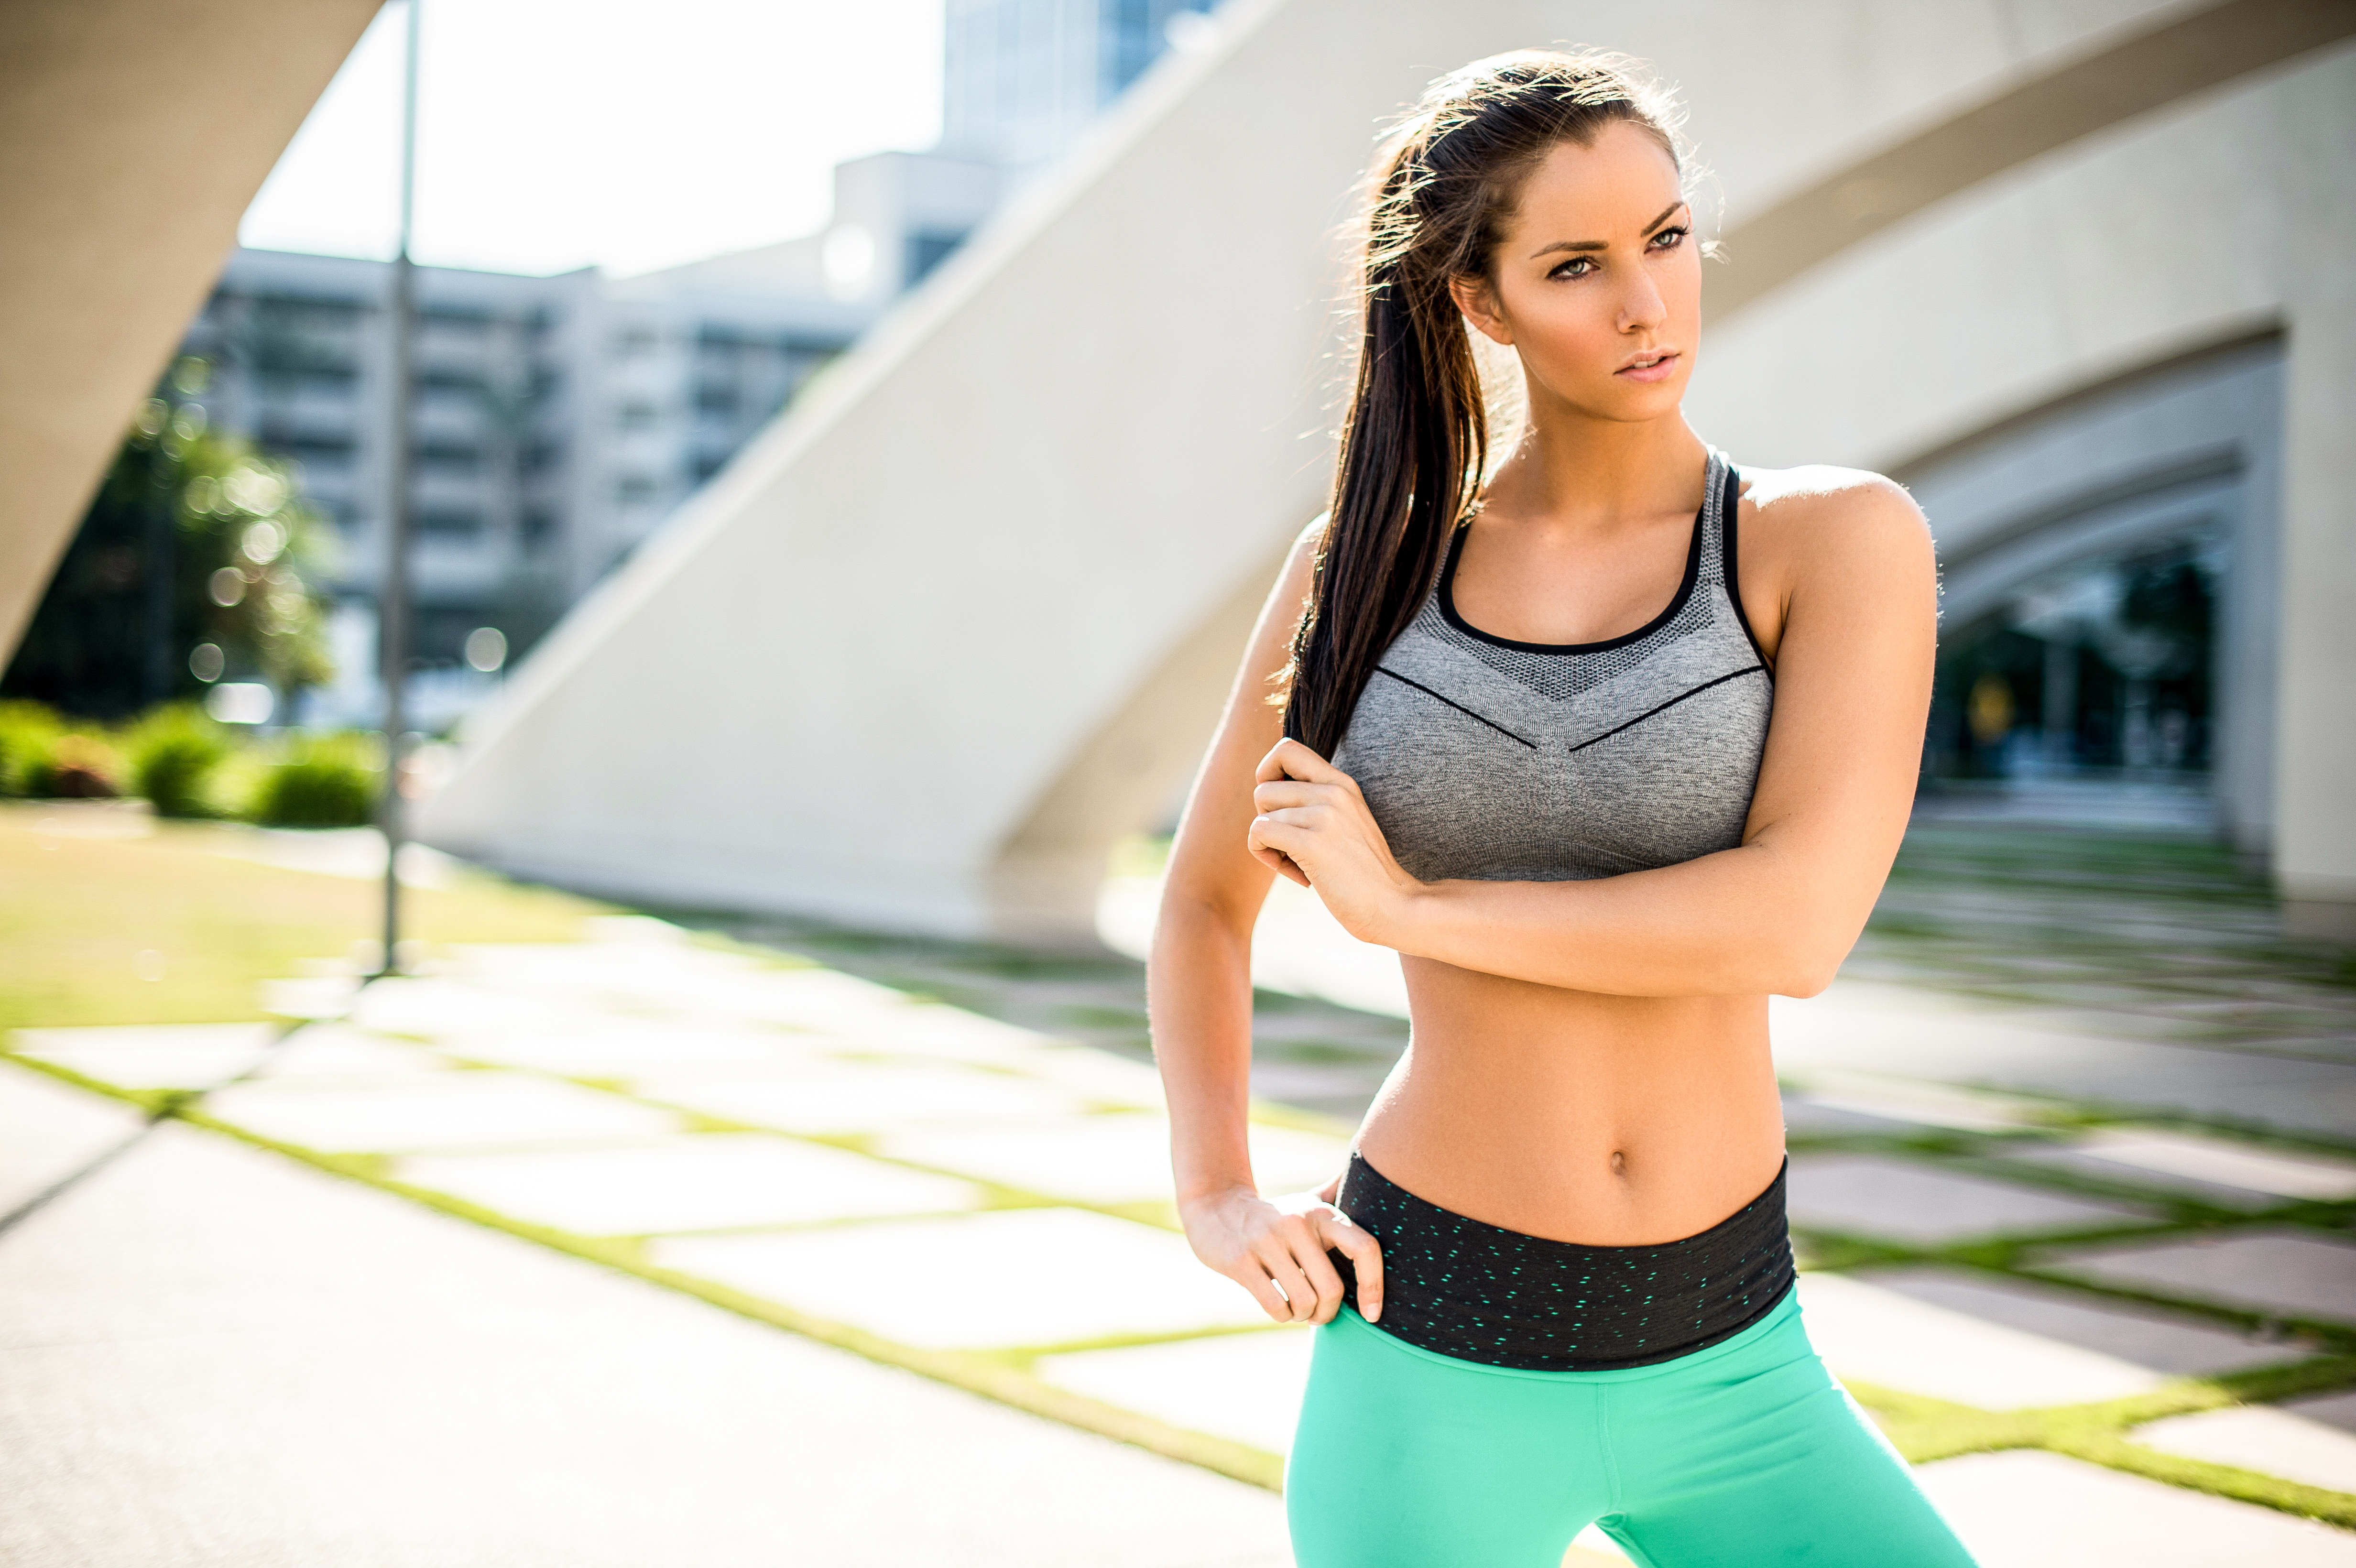 Hot girl sport